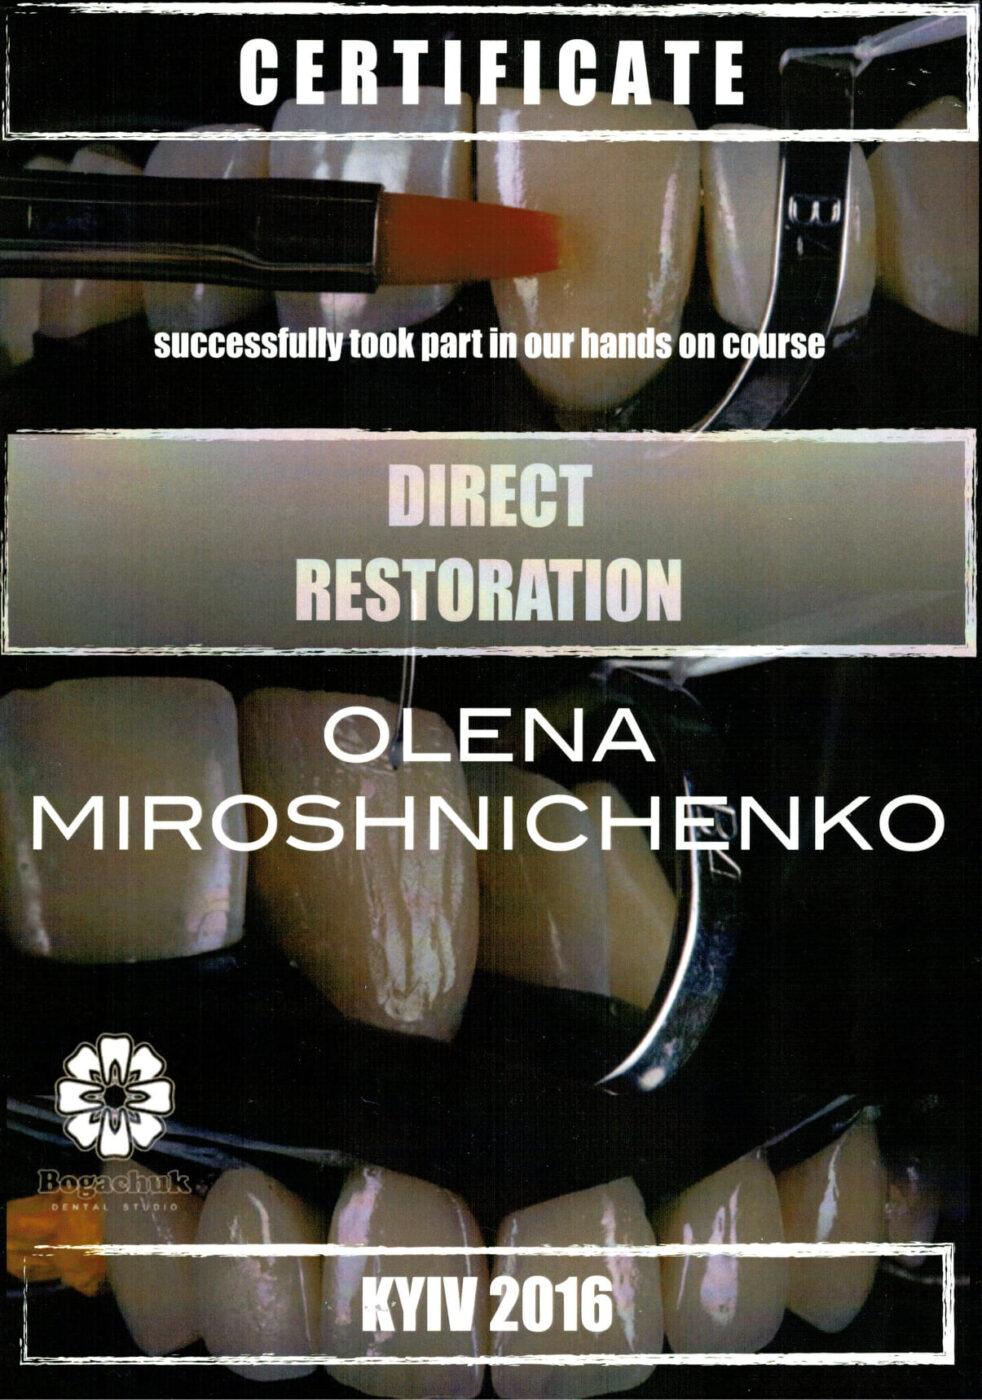 Сертифікат дитячого лікаря стоматолога Мірошниченко Олени Вікторівни об участі у курсі (DIRECT RESTORATION)